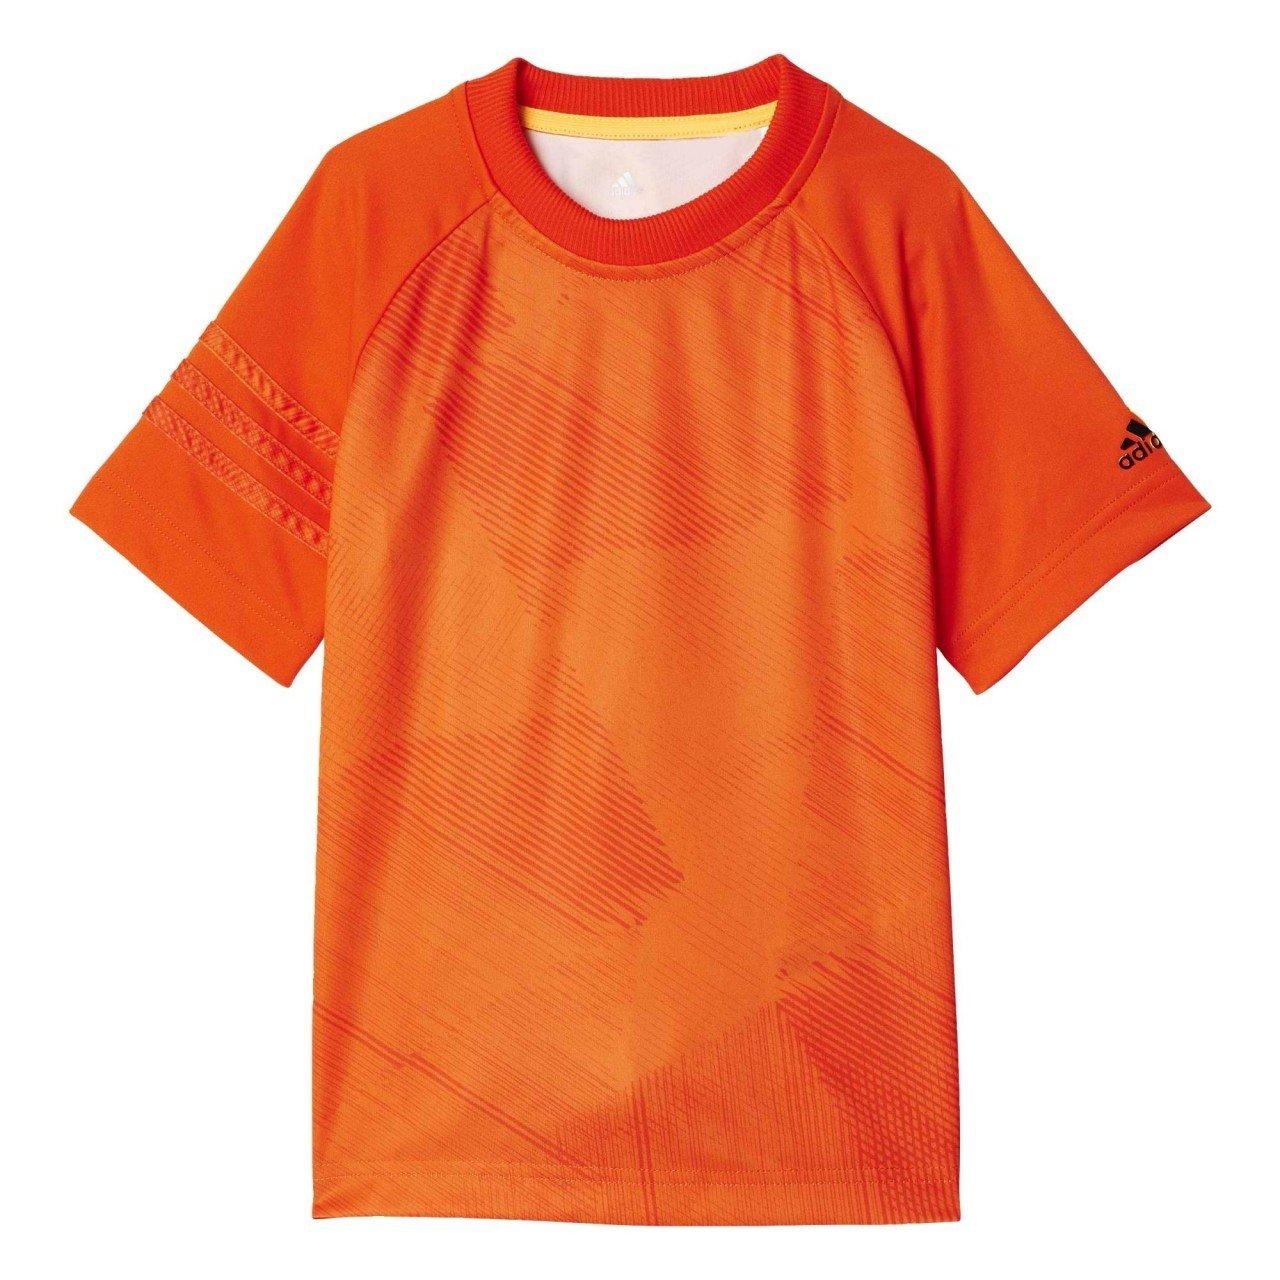 d794ab9ecc413 Adidas LB TR Print Tee T-Shirt